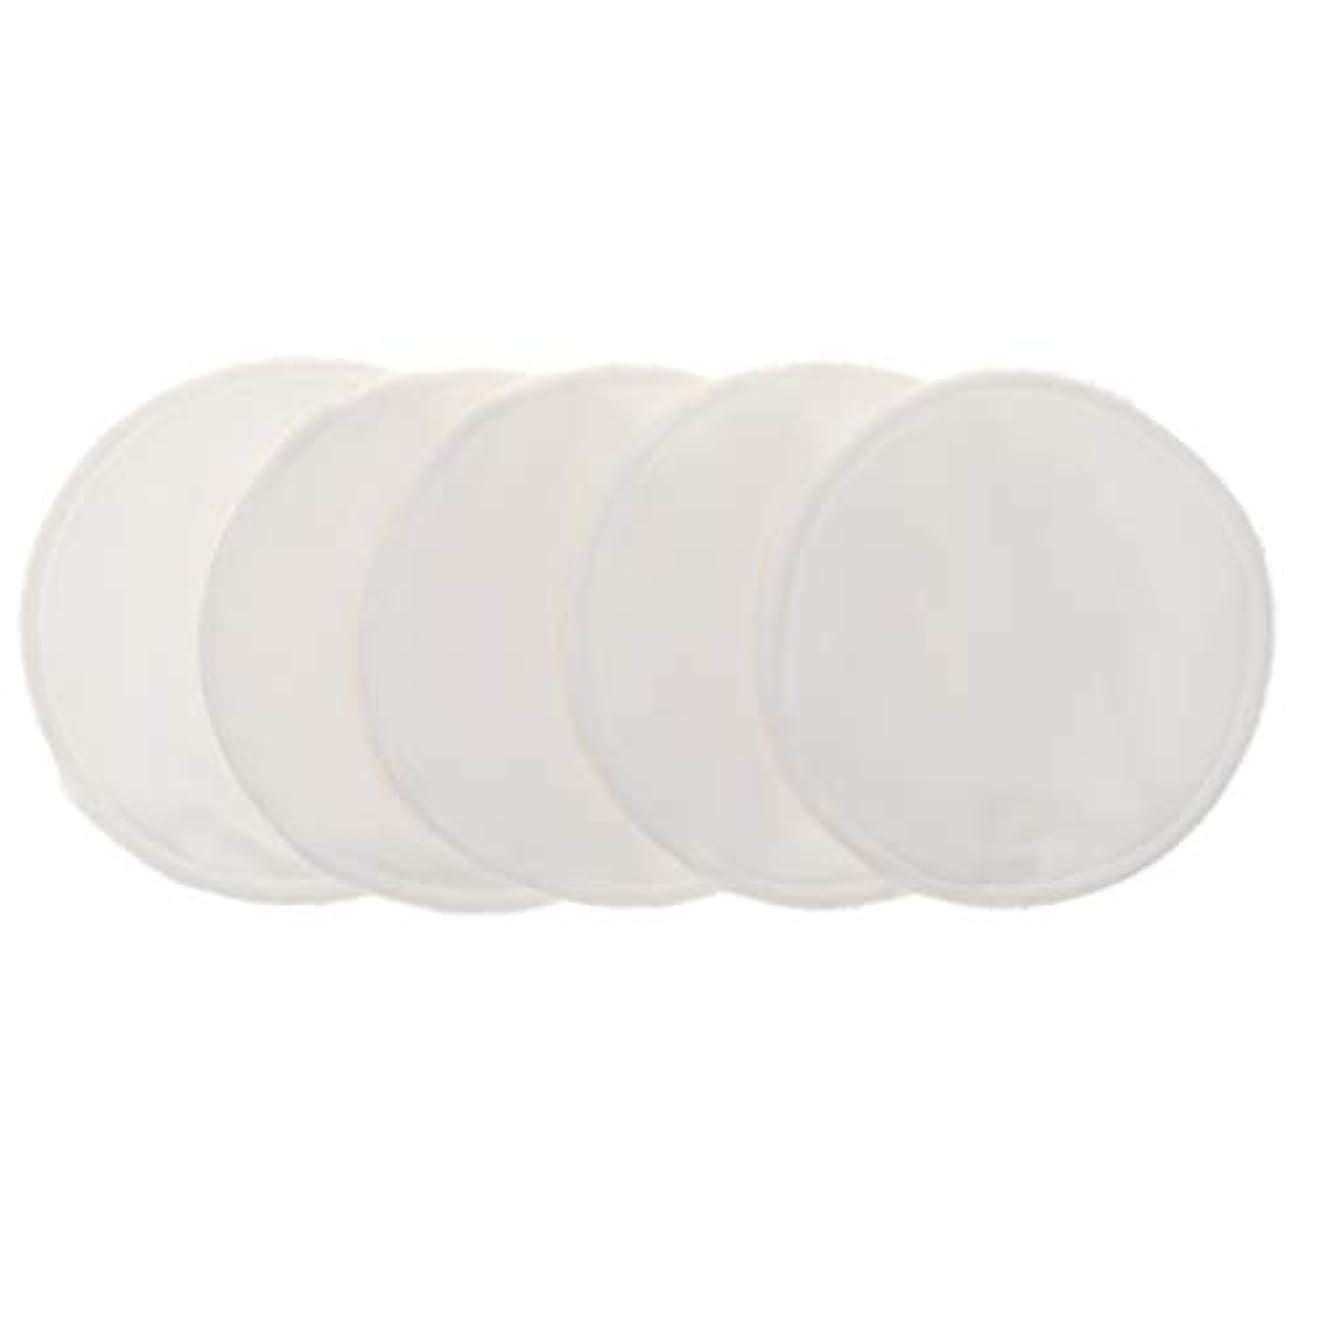 右貢献エスカレートFenteer 12cm 胸パッド クレンジングシート 化粧水パッド 竹繊維 円形 洗える 再使用可能 5個 全5色 - 白